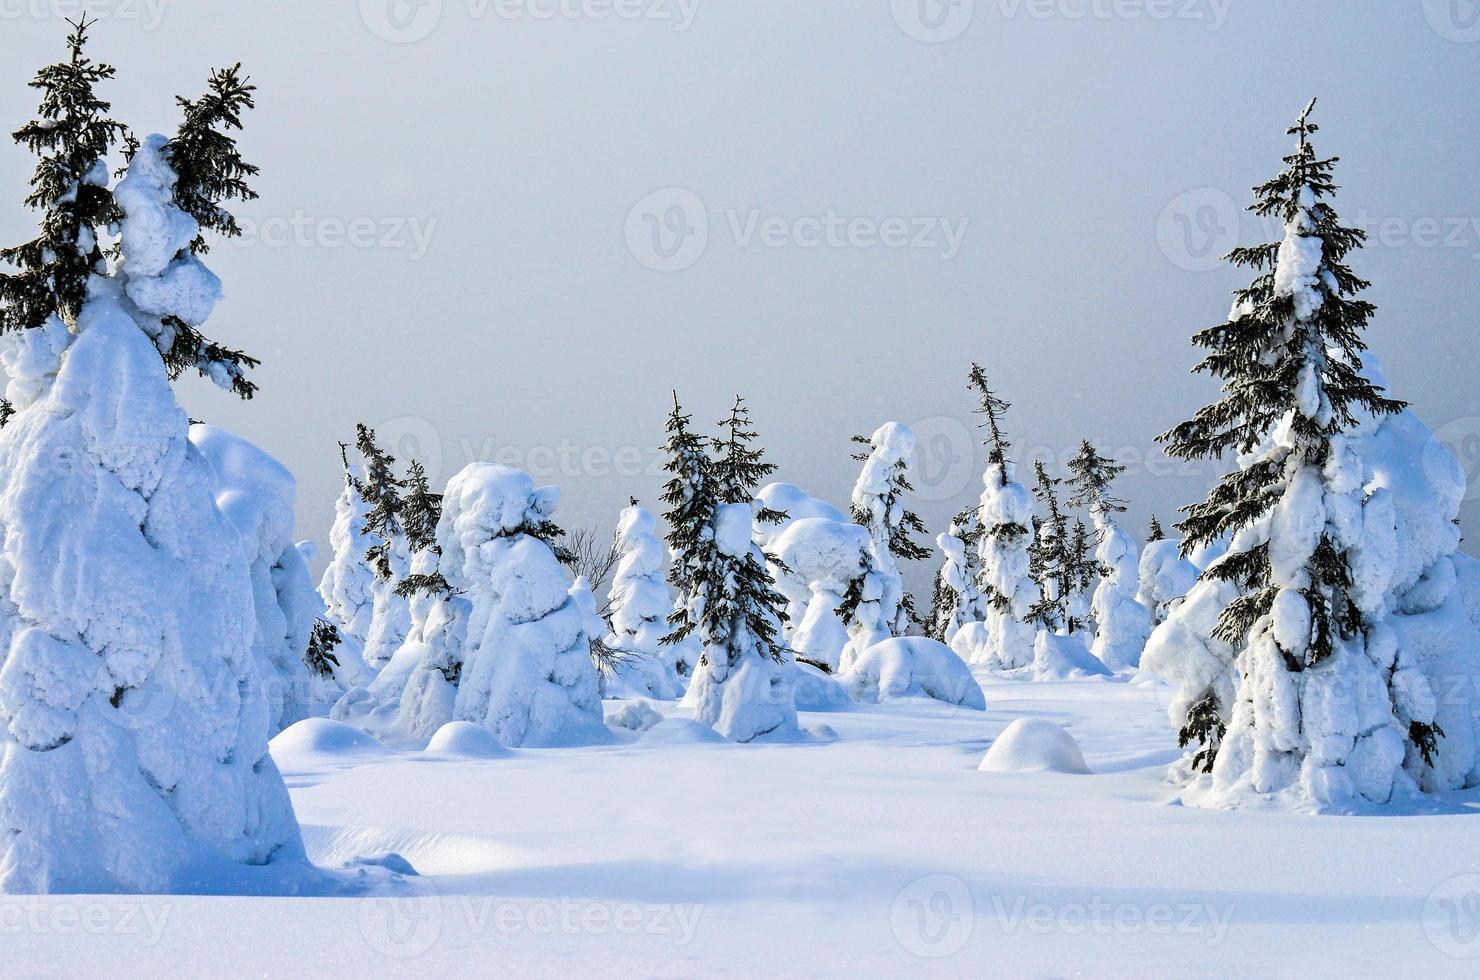 arbres dans la neige photo